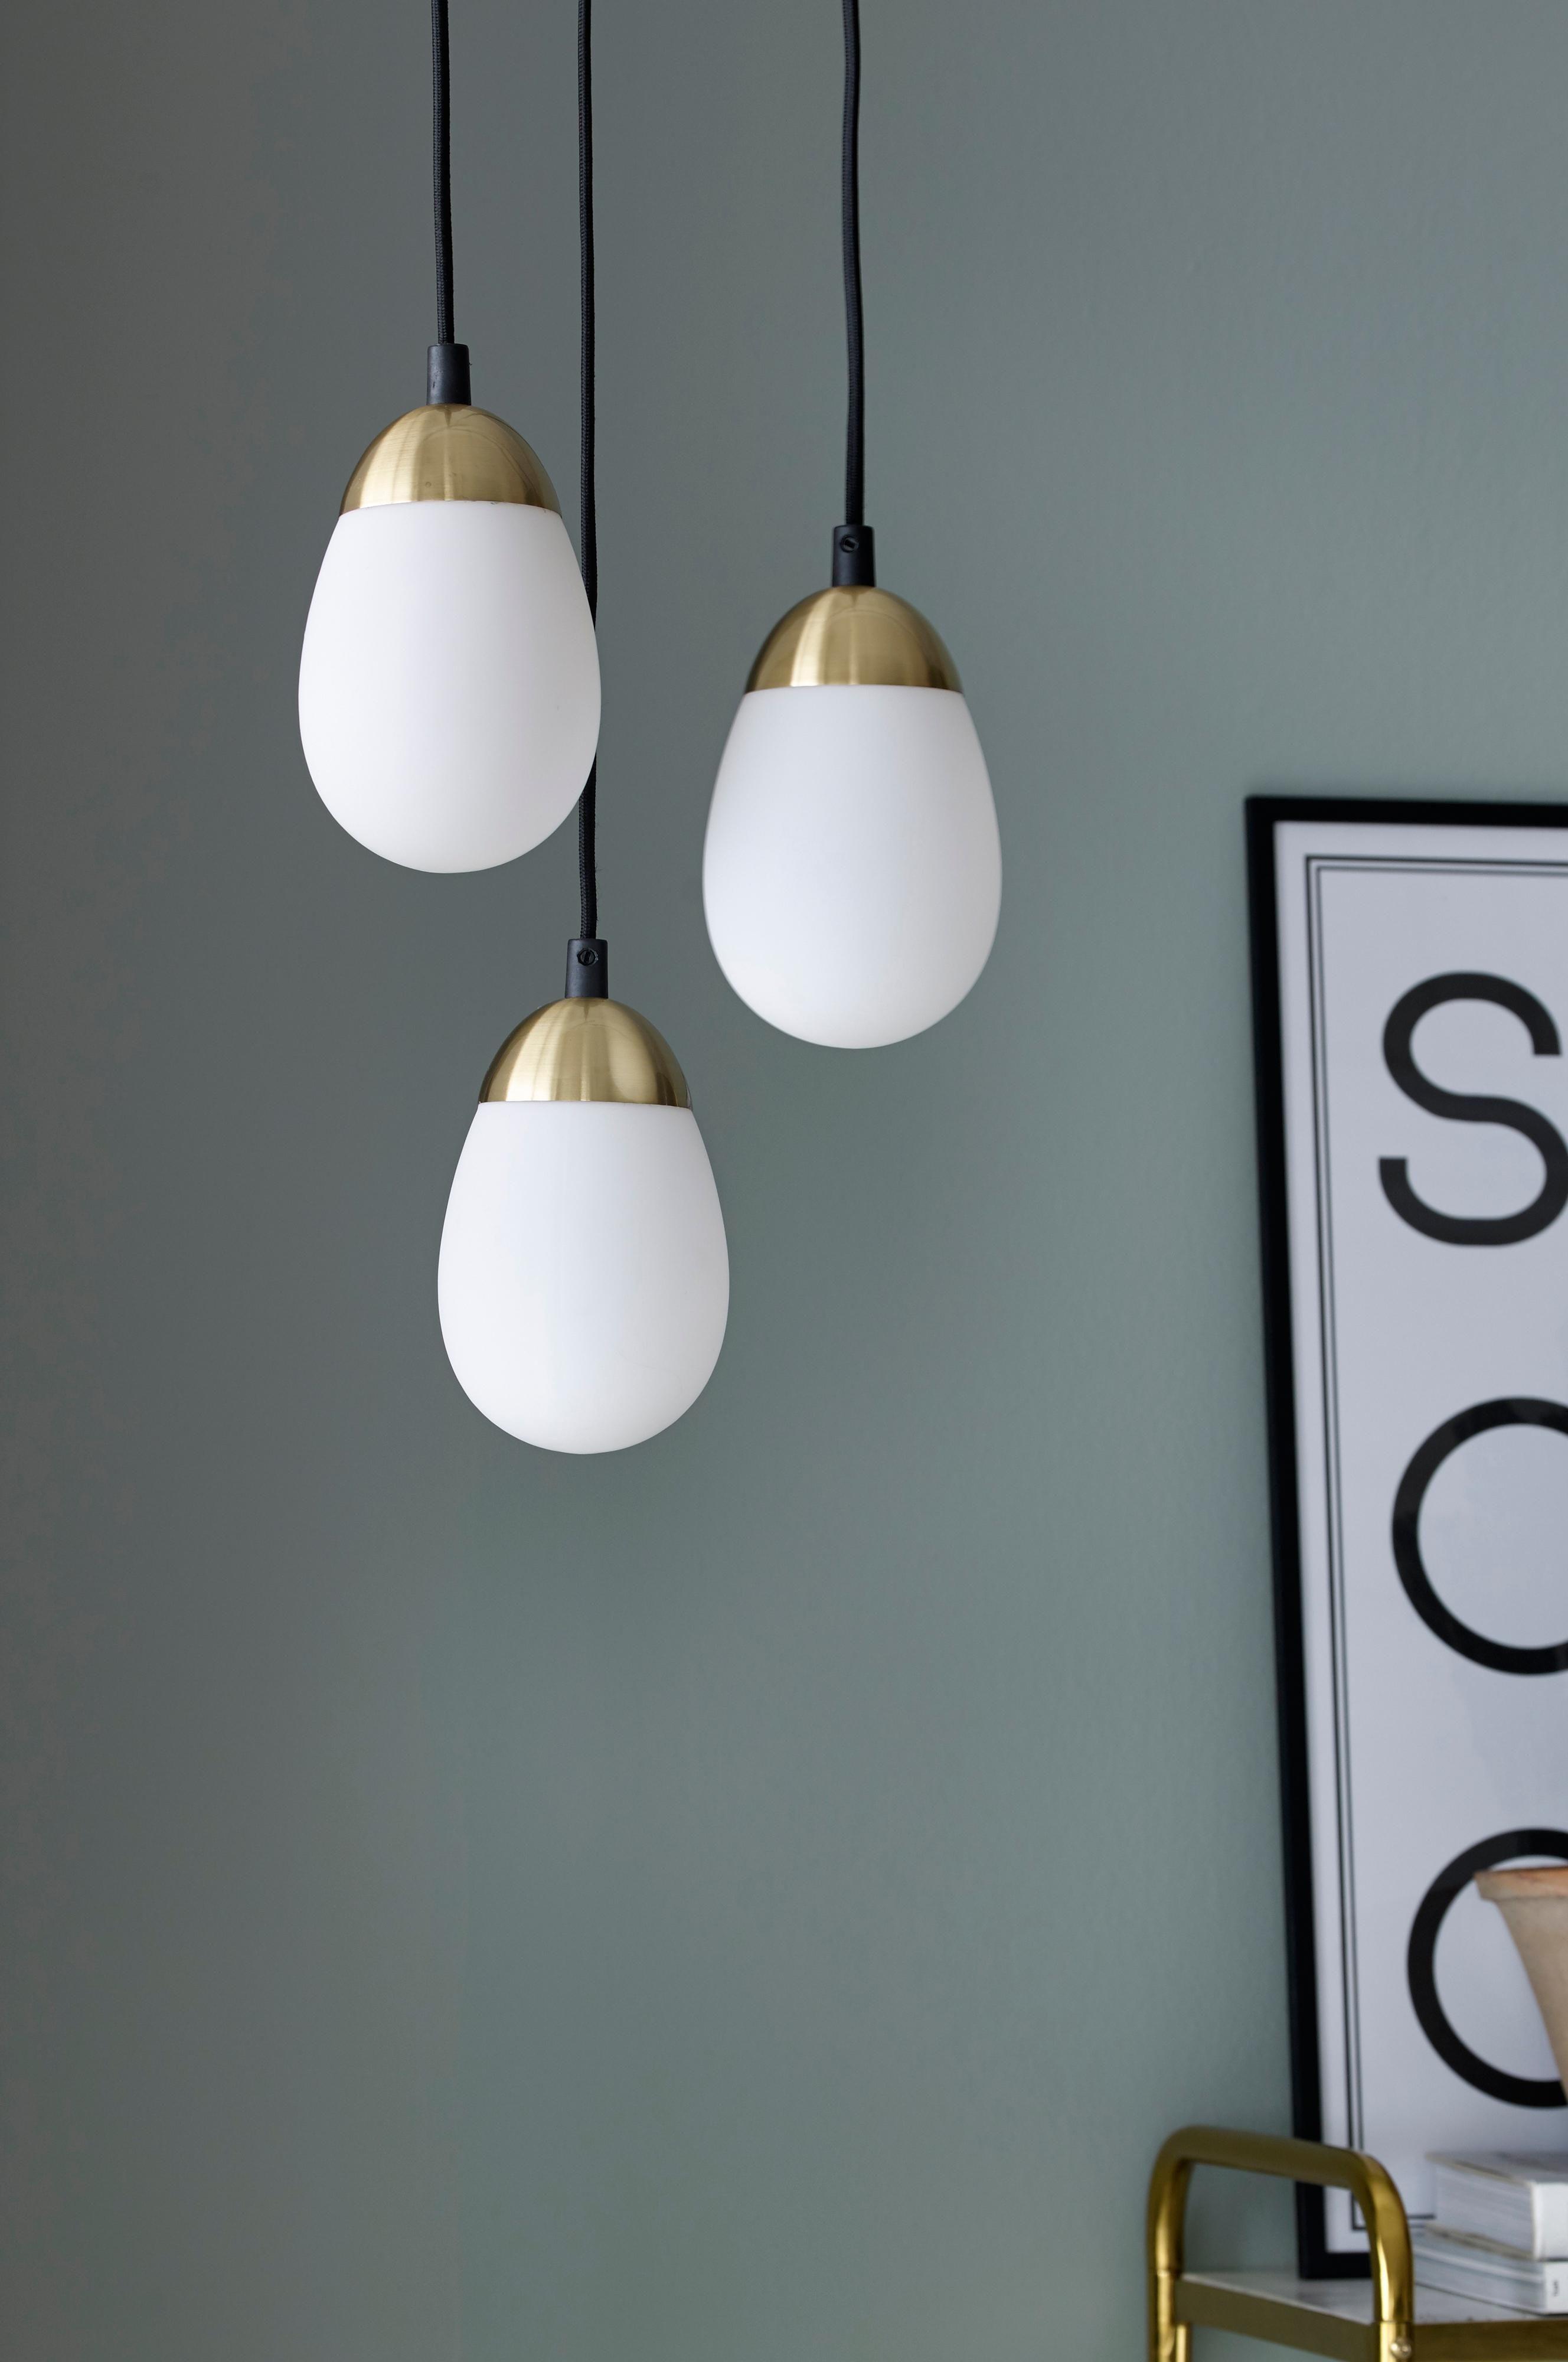 Ikkunavalaisin, jonka kupu mattapintaista valkoista lasia ja yläosa messinginväristä metallia. Korkeus 17 cm, ø 11 cm. Musta kangaspäällysteinen johto, jossa seinäpistoke, johdon pituus 350 cm. Pieni lampunkanta E14. Enintään 40 W.